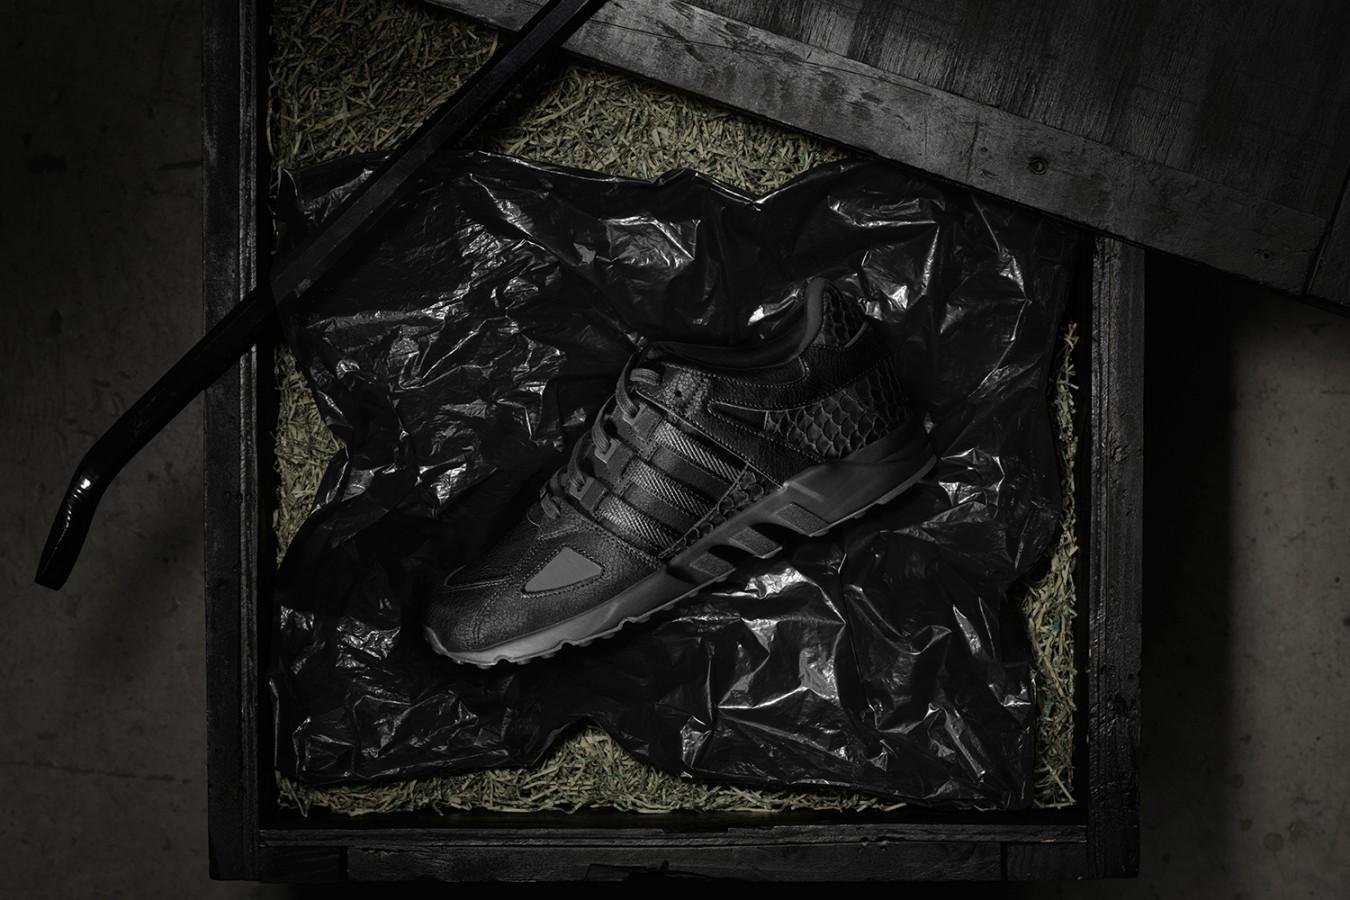 adidas Originals Eqt Support 93/17 Boost Men's Running Shoes